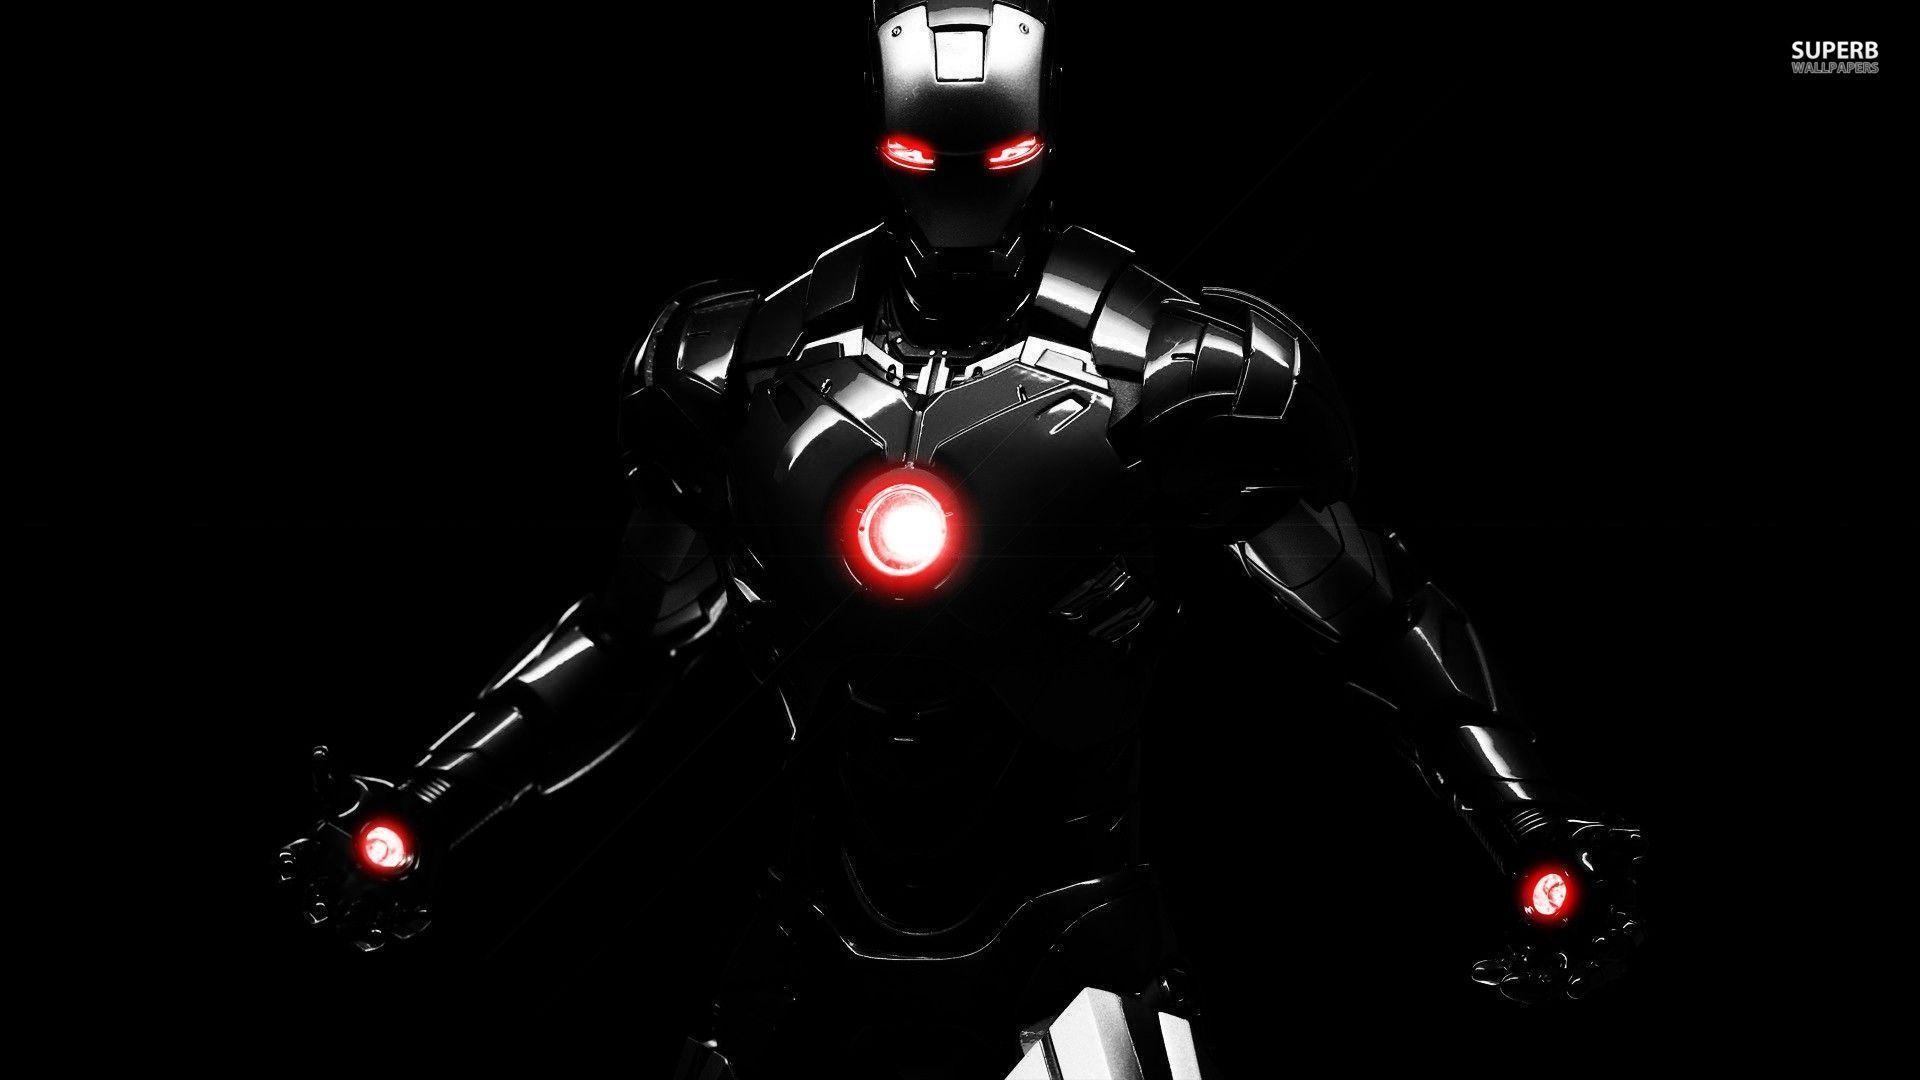 Black Iron Man Wallpapers Top Free Black Iron Man